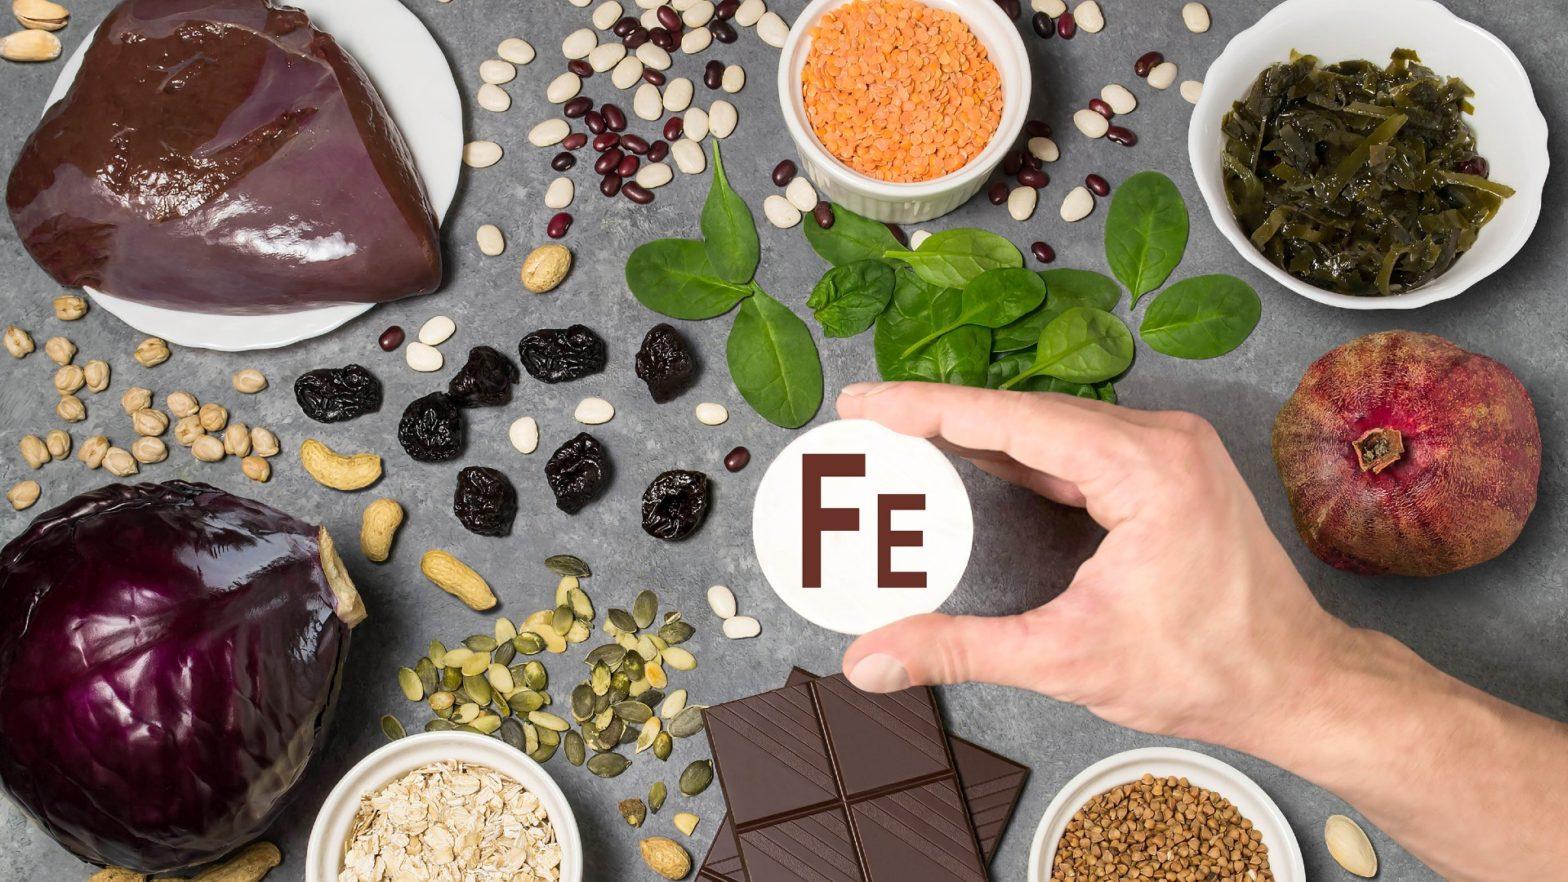 Diversos alimentos ricos em ferro (figado, semente de abóbora, folhas verdes) distribuidos em cima da mesa e uma mão segurando a sigla FE par simbolizar o elemento ferro.